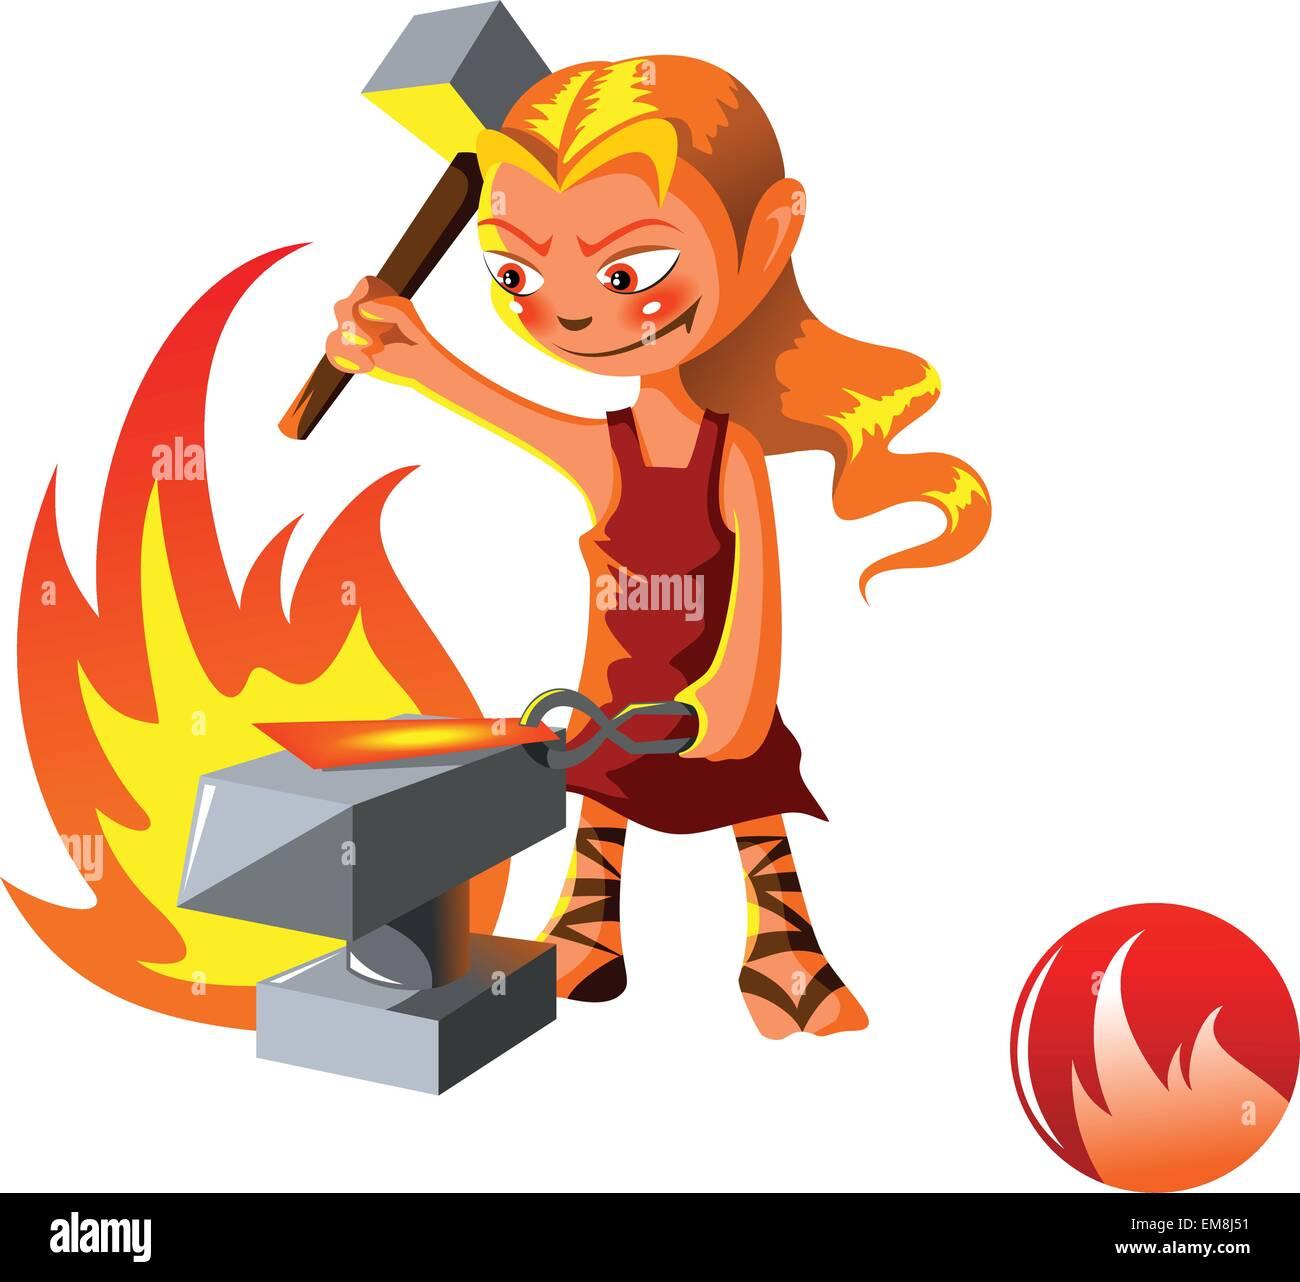 El Elemental de Fuego Imagen De Stock